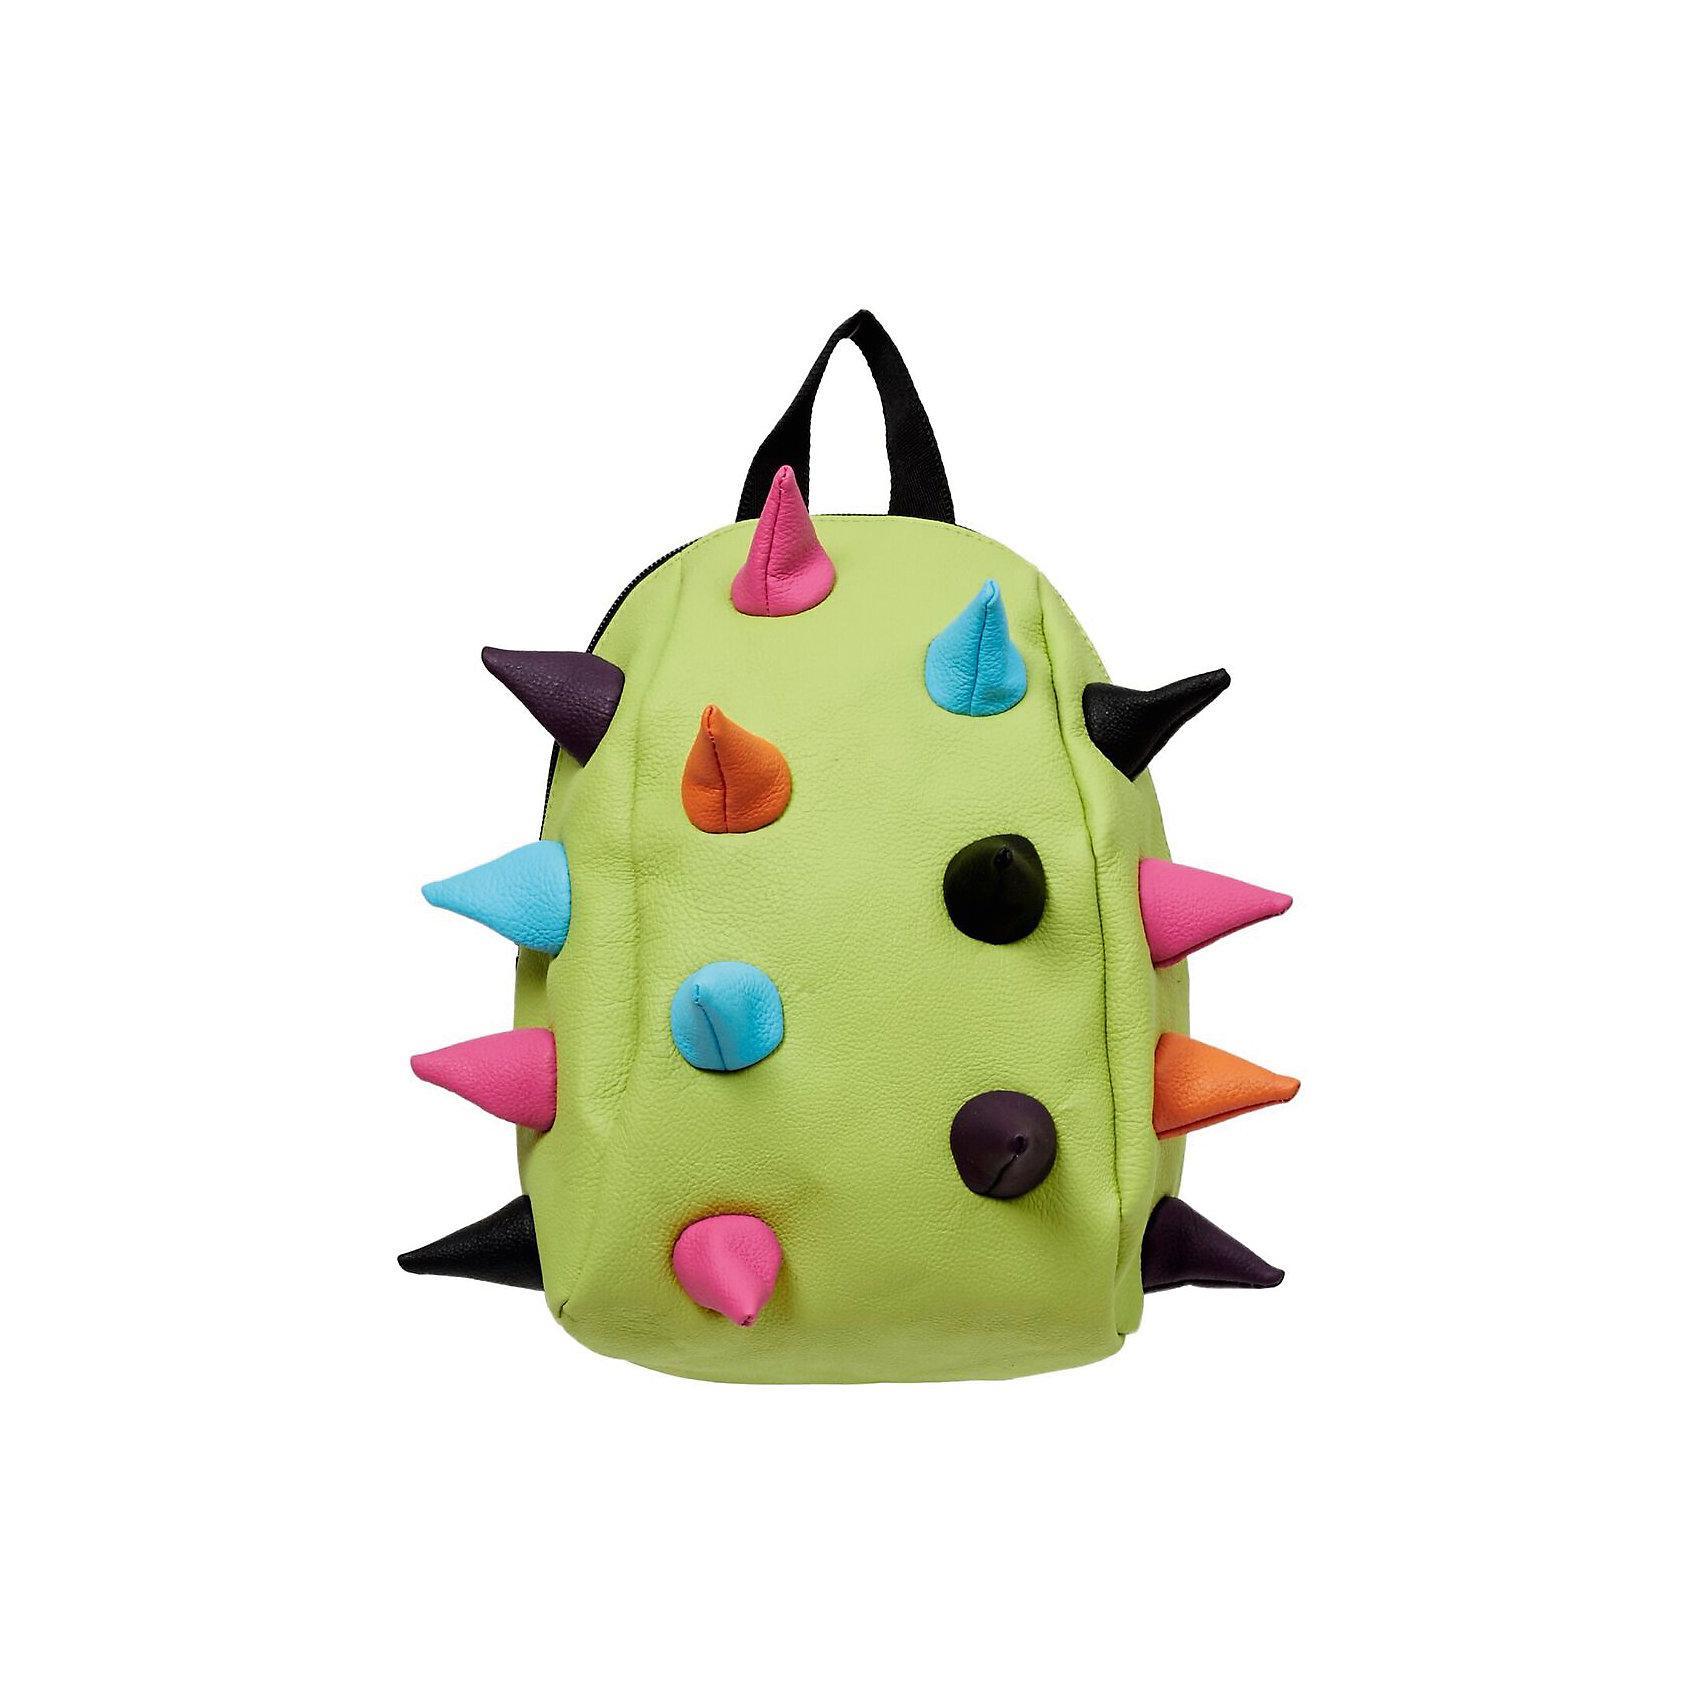 Рюкзак Rex Pint Mini 2, цвет лайм мультиРюкзаки<br>Характеристики товара:<br><br>• цвет: зеленый мульти;<br>• возраст: от 3 лет;<br>• вес: 0,2 кг;<br>• размер: 31х23х15 см;<br>• особенности модели: с пузырями;<br>• основное отделение на молнии;<br>• мягкие регулируемые по высоте лямки;<br>• спинка имеет ортопедическую форму;<br>• материал: полиуретан;<br>• страна бренда: США;<br>• страна изготовитель: Китай.<br><br>Рюкзак «Rex Pint Mini 2» — легкий и вместительный рюкзак с одним основным отделением и застежкой на молнии, уместный в ритме большого города.<br><br>У этого рюкзака очень прочный материал, эластичный и мягкий, который сохраняет яркий цвет и хорошо чистится. Модель помимо лямки для переноски в руке, мягких и широких регулируемых бретелей снабжена фиксацией на груди. Полностью вентилируемая и ортопедическая спинка создаёт дополнительный комфорт спине.<br><br>Рюкзак «Rex Pint Mini 2» можно купить в нашем интернет-магазине.<br><br>Ширина мм: 310<br>Глубина мм: 230<br>Высота мм: 150<br>Вес г: 200<br>Возраст от месяцев: 36<br>Возраст до месяцев: 72<br>Пол: Унисекс<br>Возраст: Детский<br>SKU: 7054074